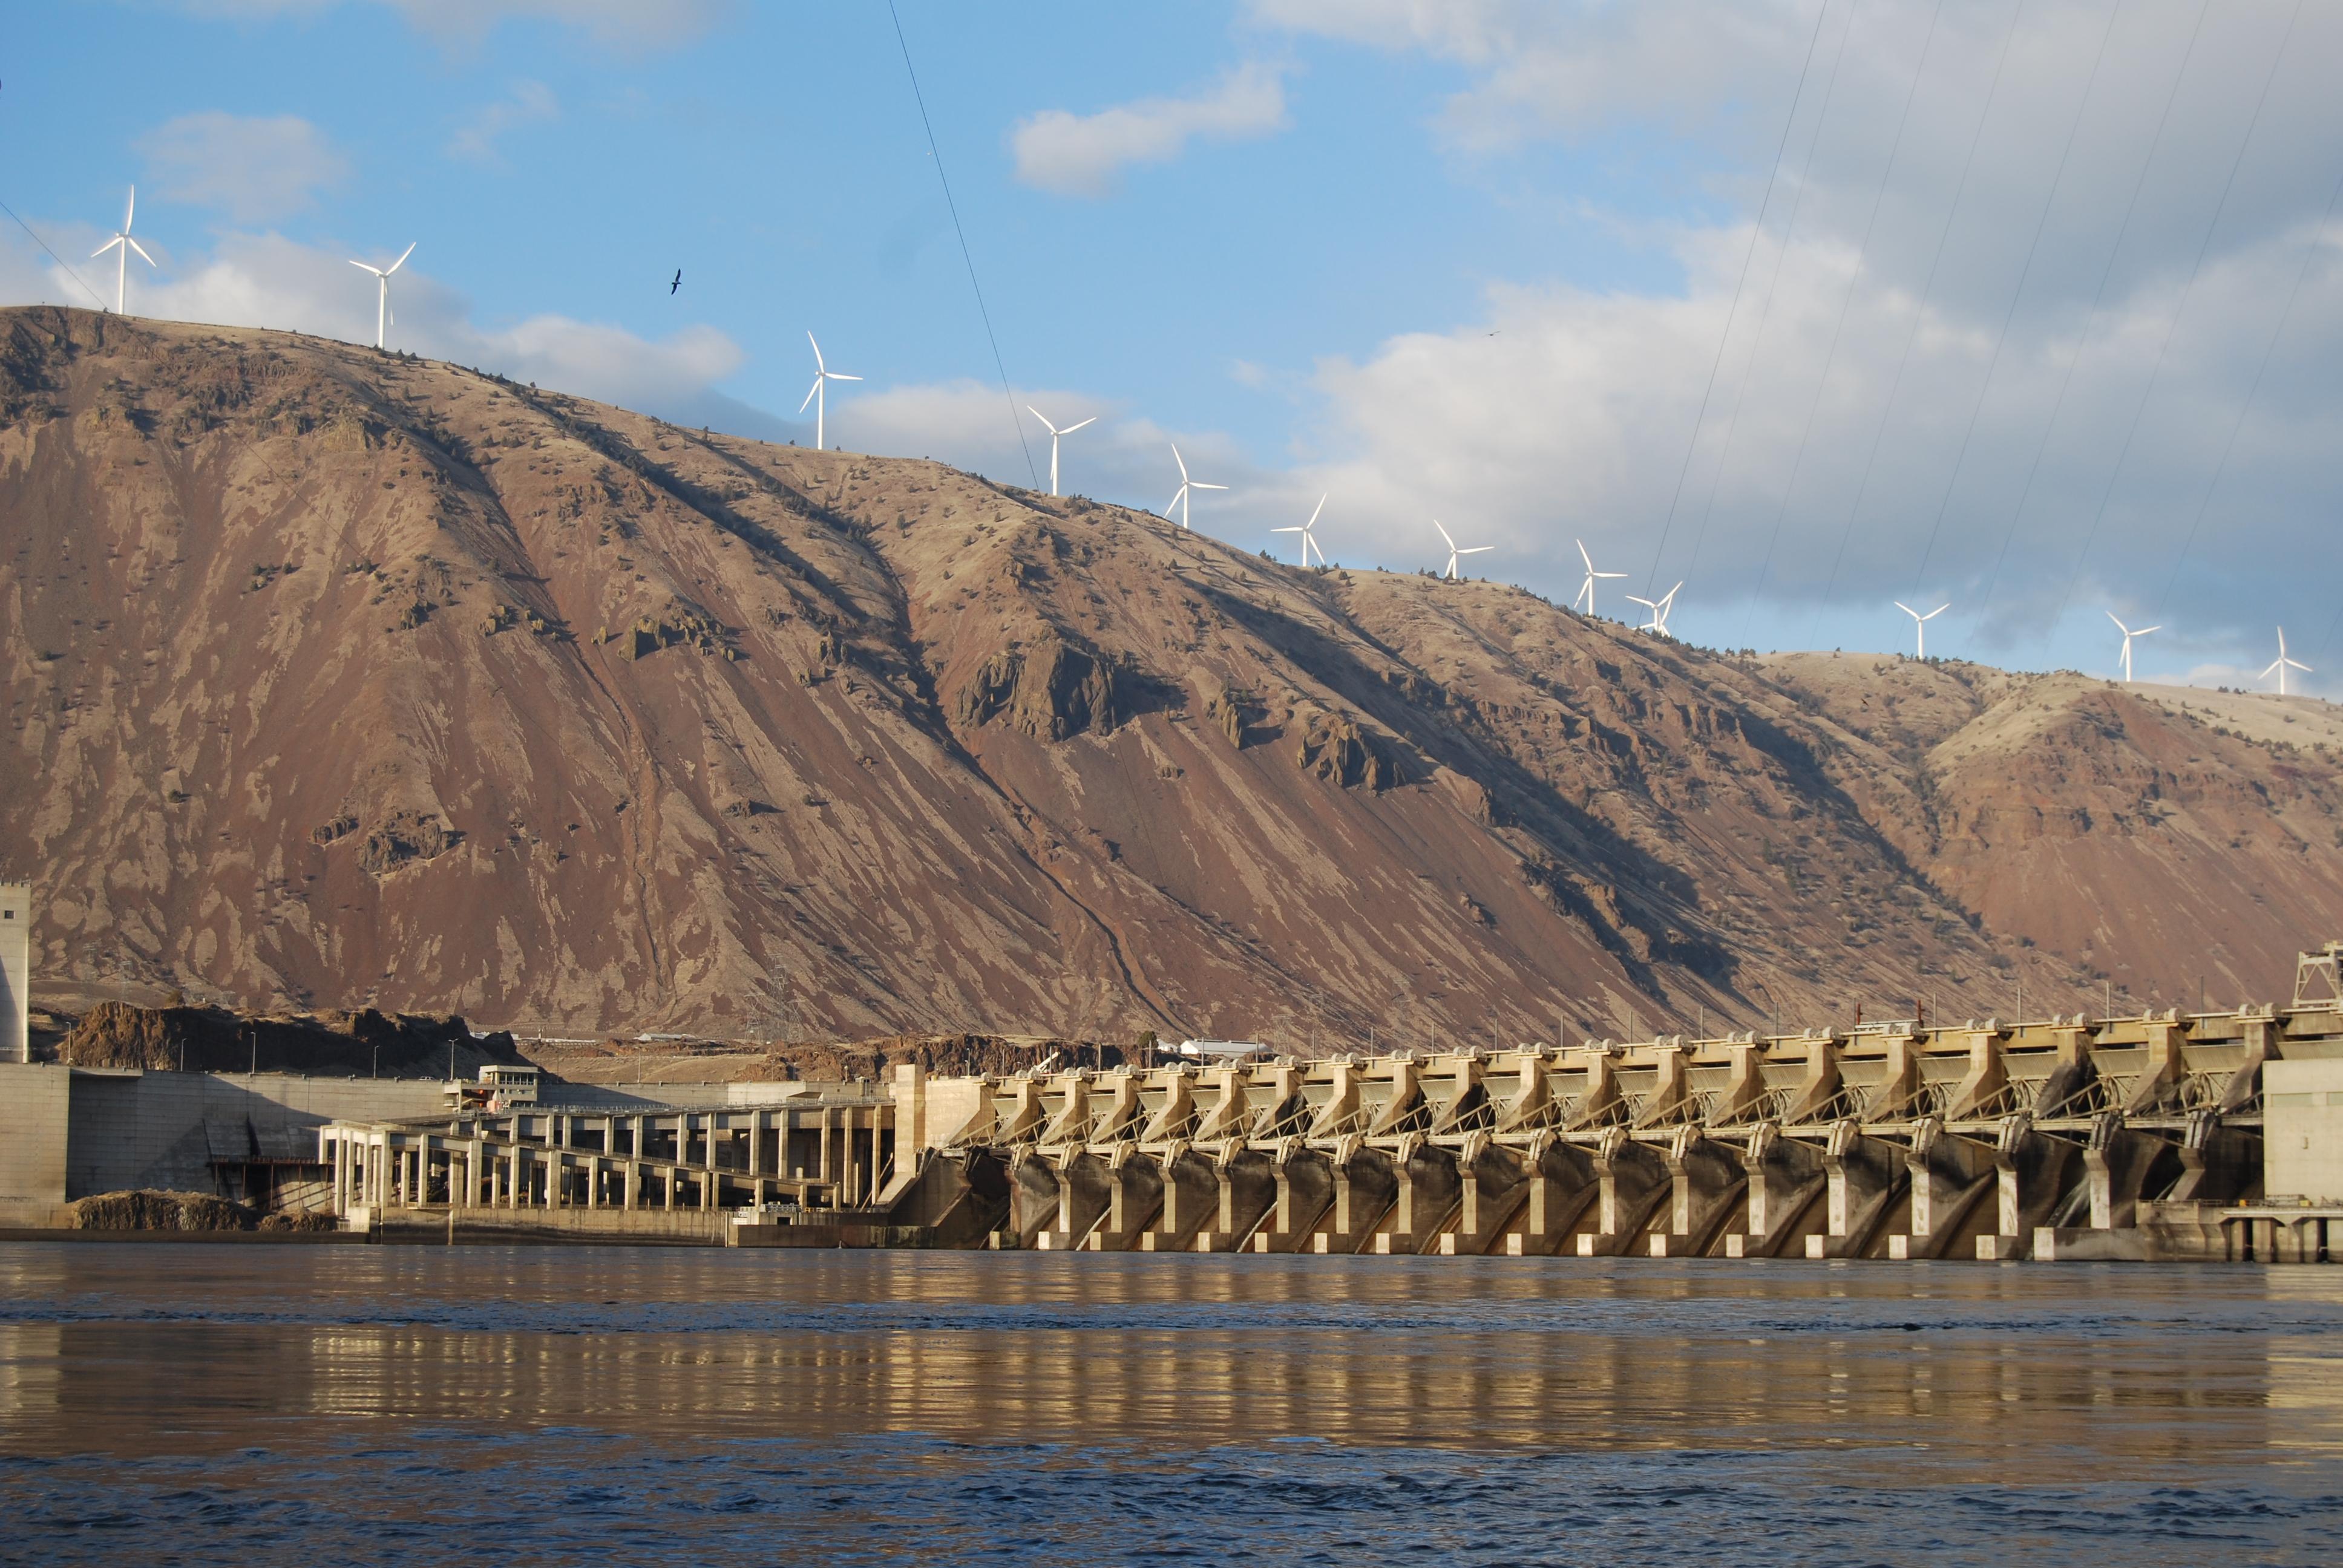 Des éoliennes le long d'une crête rocheuse, un barrage sur la rivière dans la vallée (MWH Global)